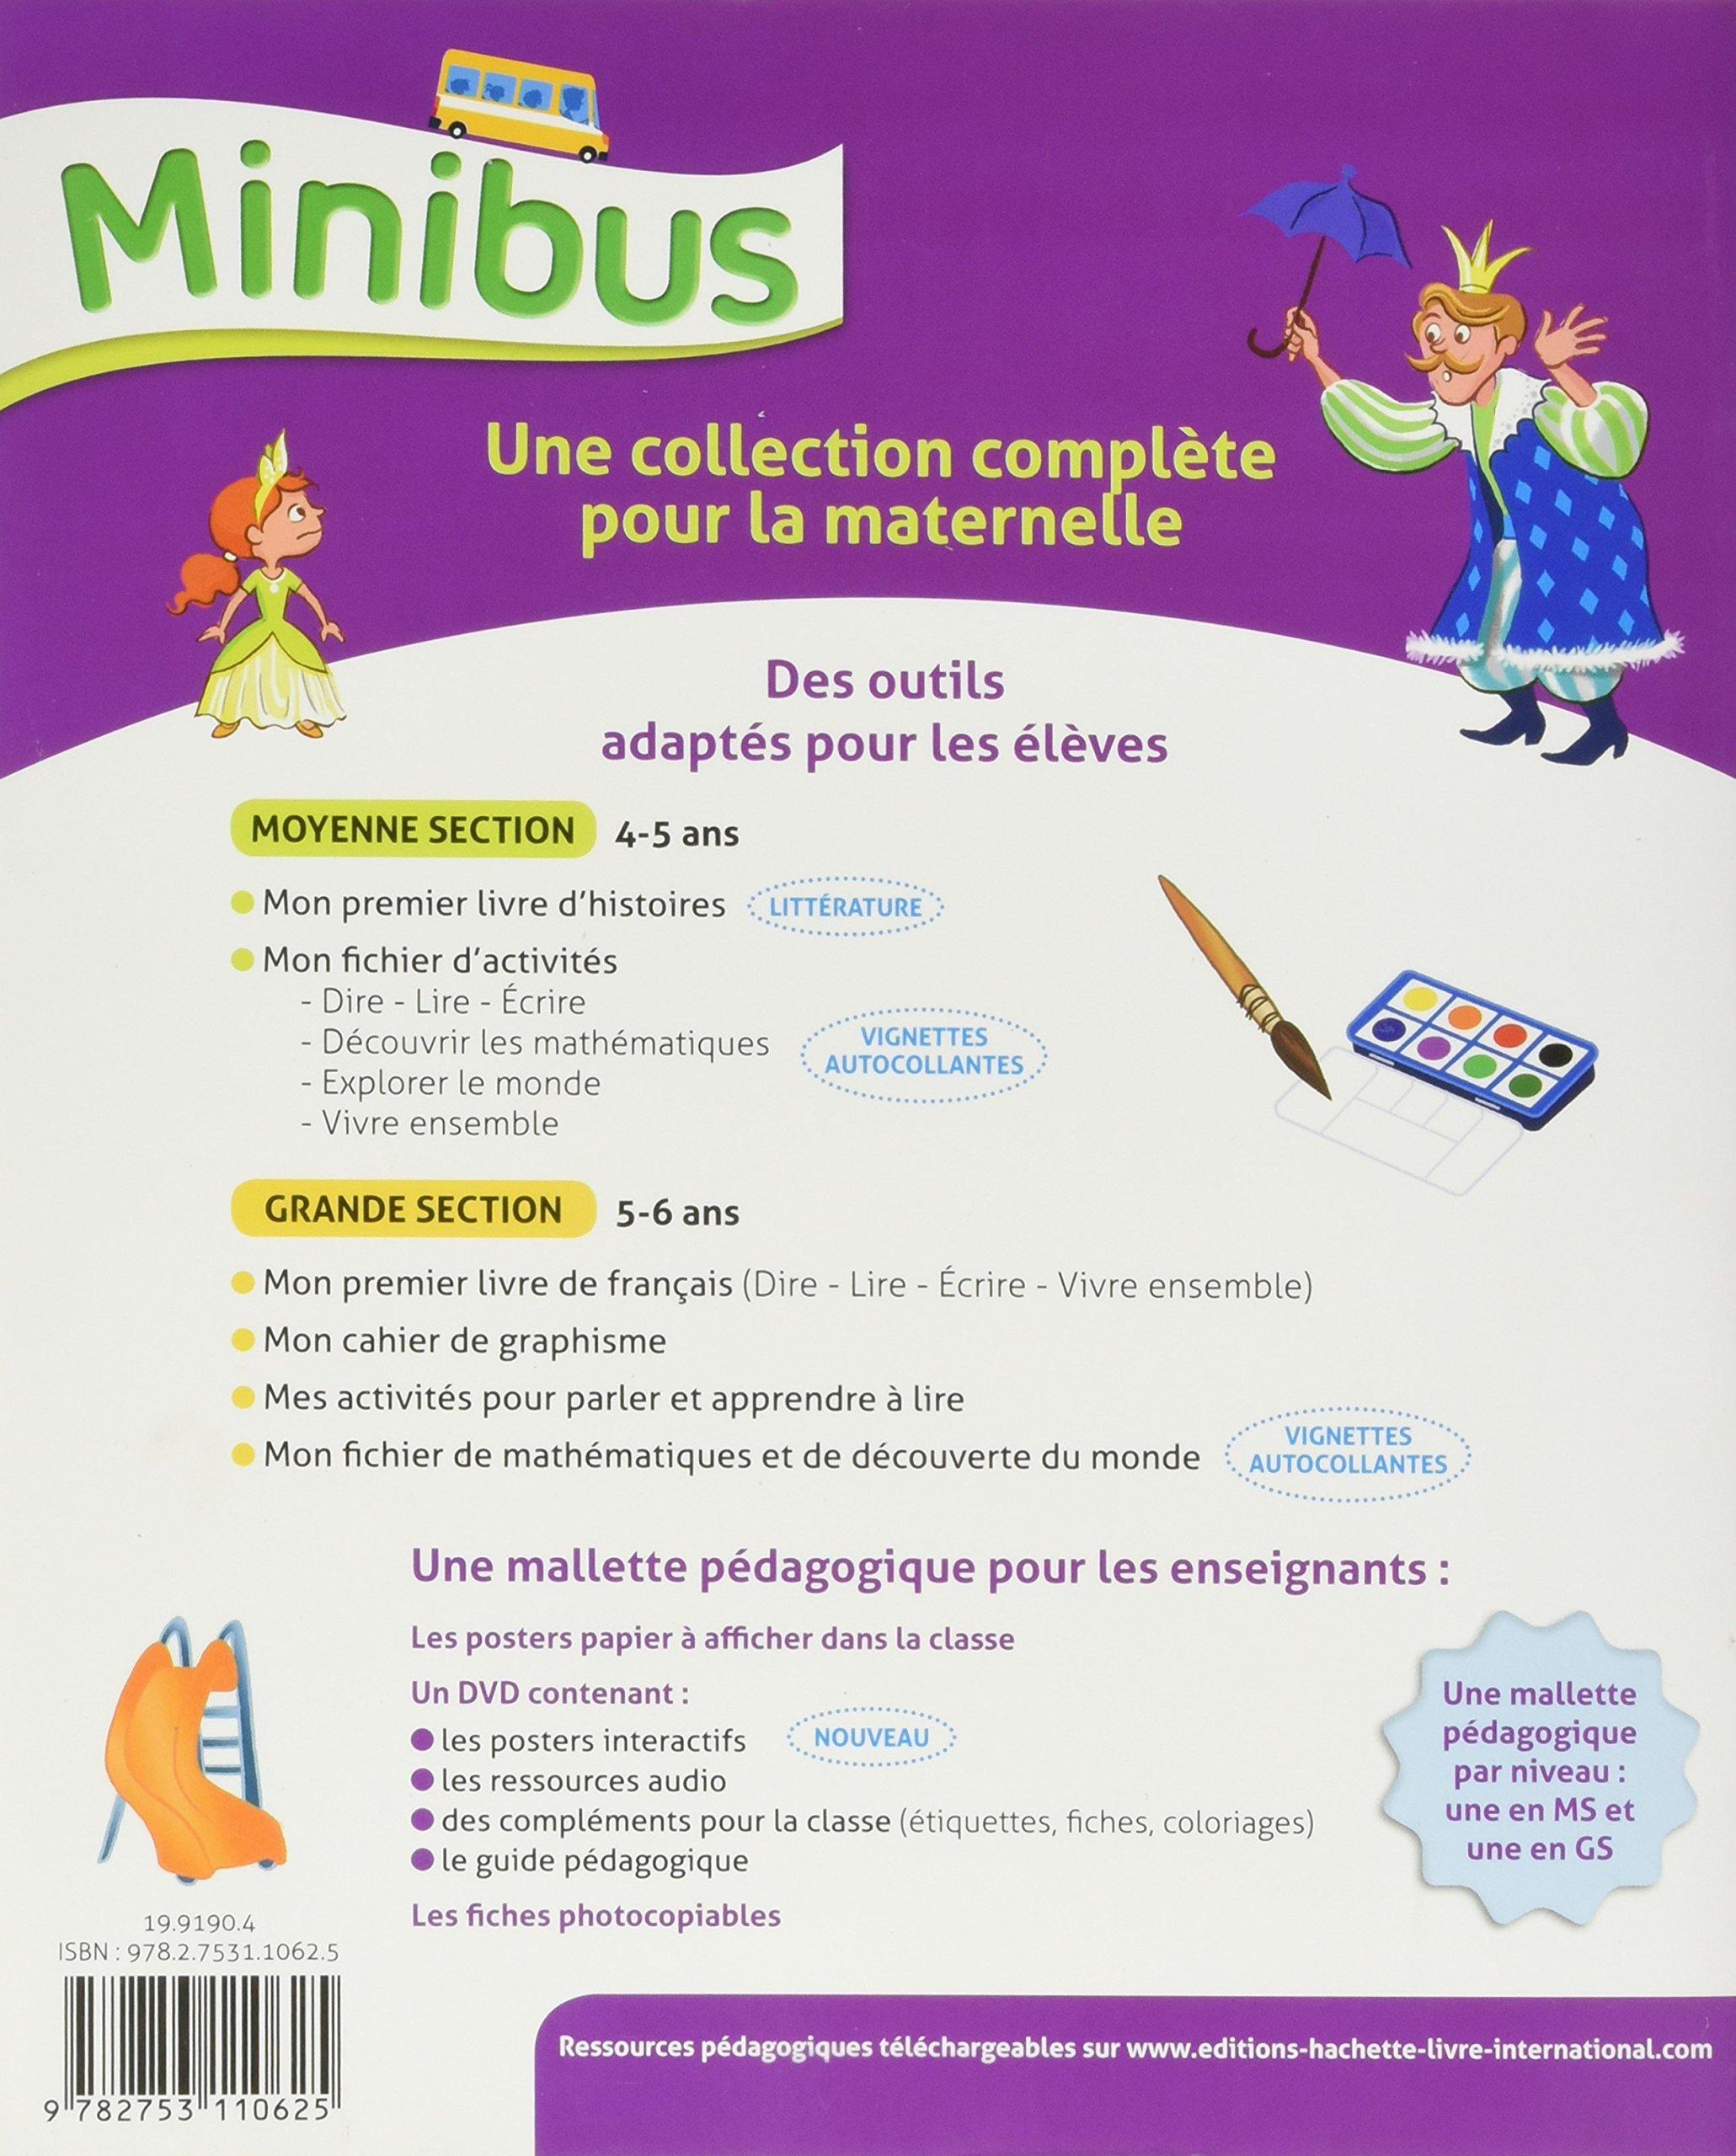 Minibus Maternelle Moyenne Section Mon Premier Livre D